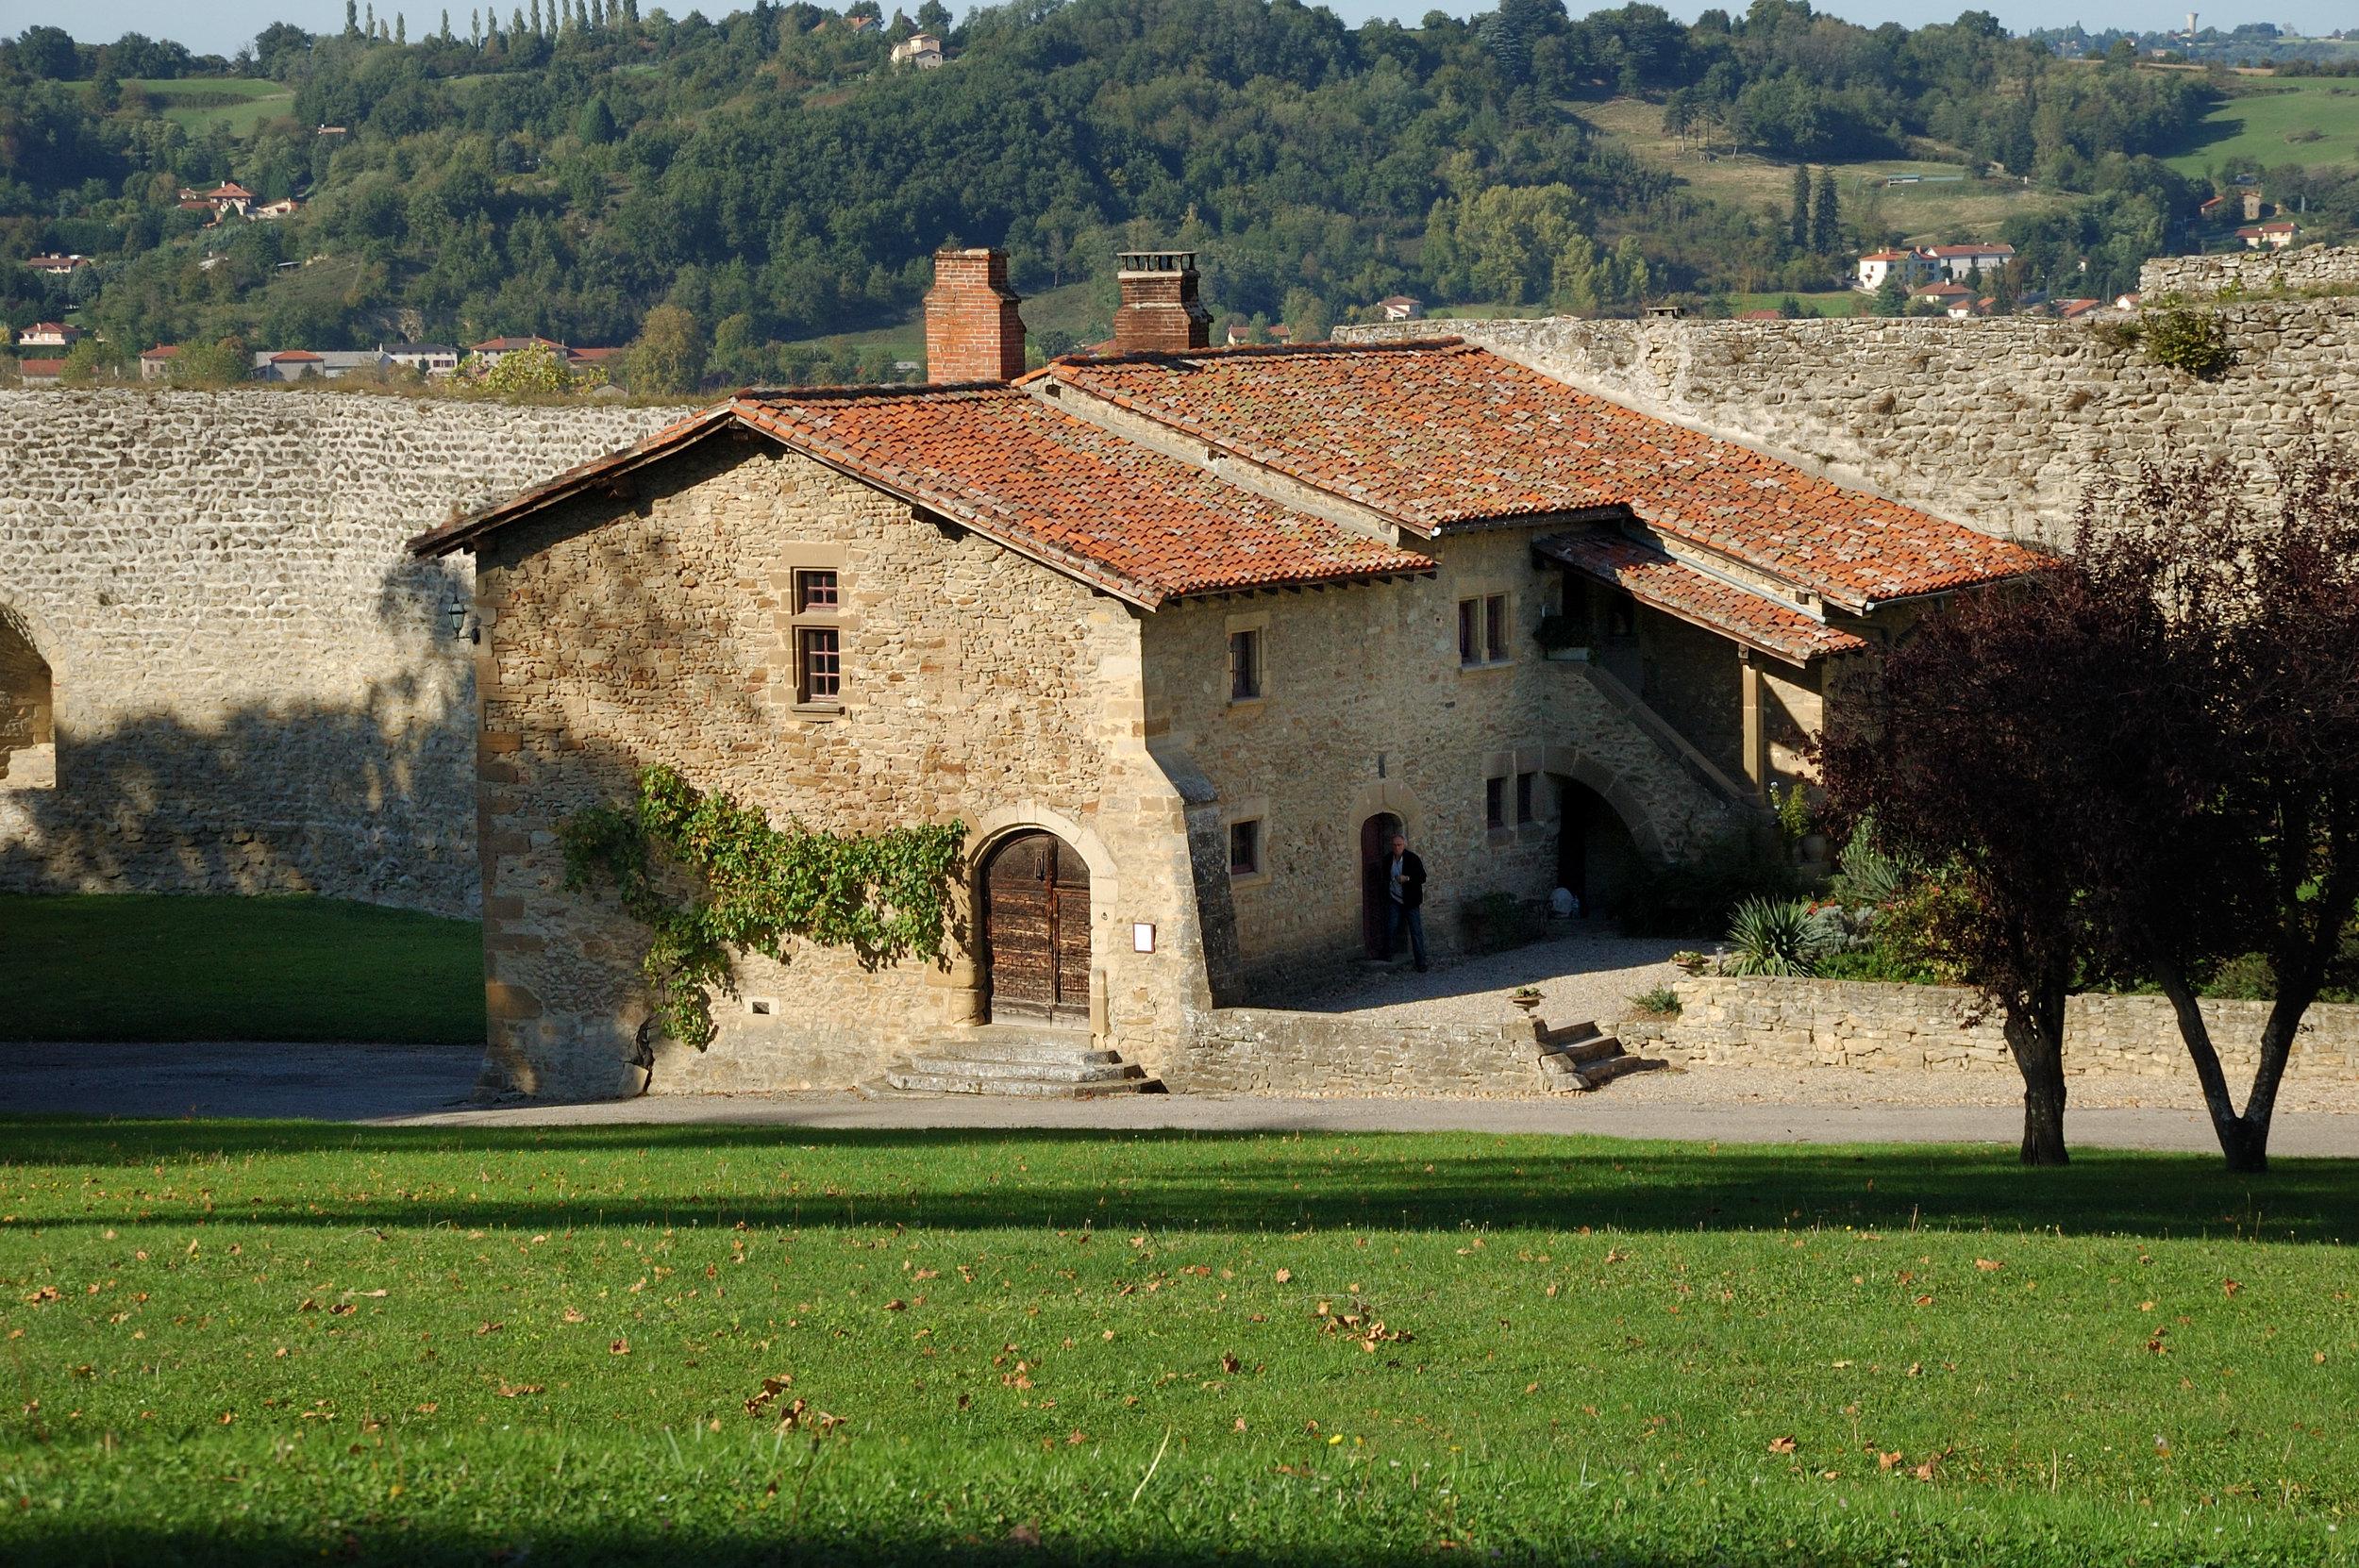 La conciergerie date des 14ème et 16ème siècles. dernier témoin du village médiéval intra-muros rasé -